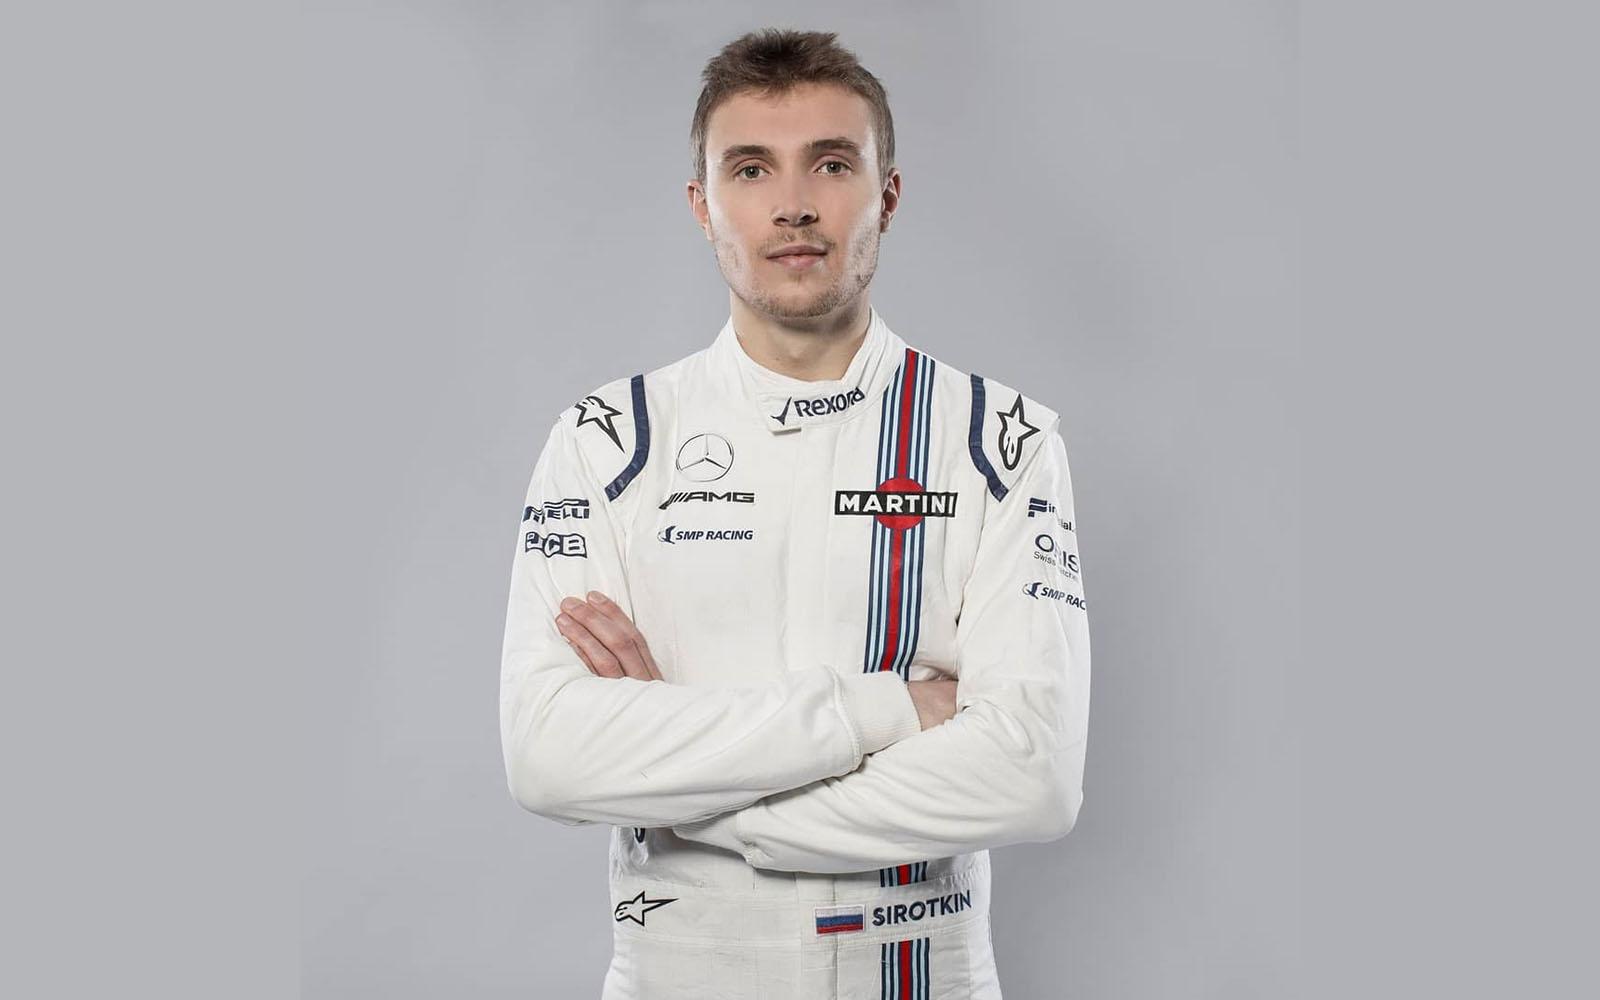 Вгонки Формулы-1 вернулся российский пилот